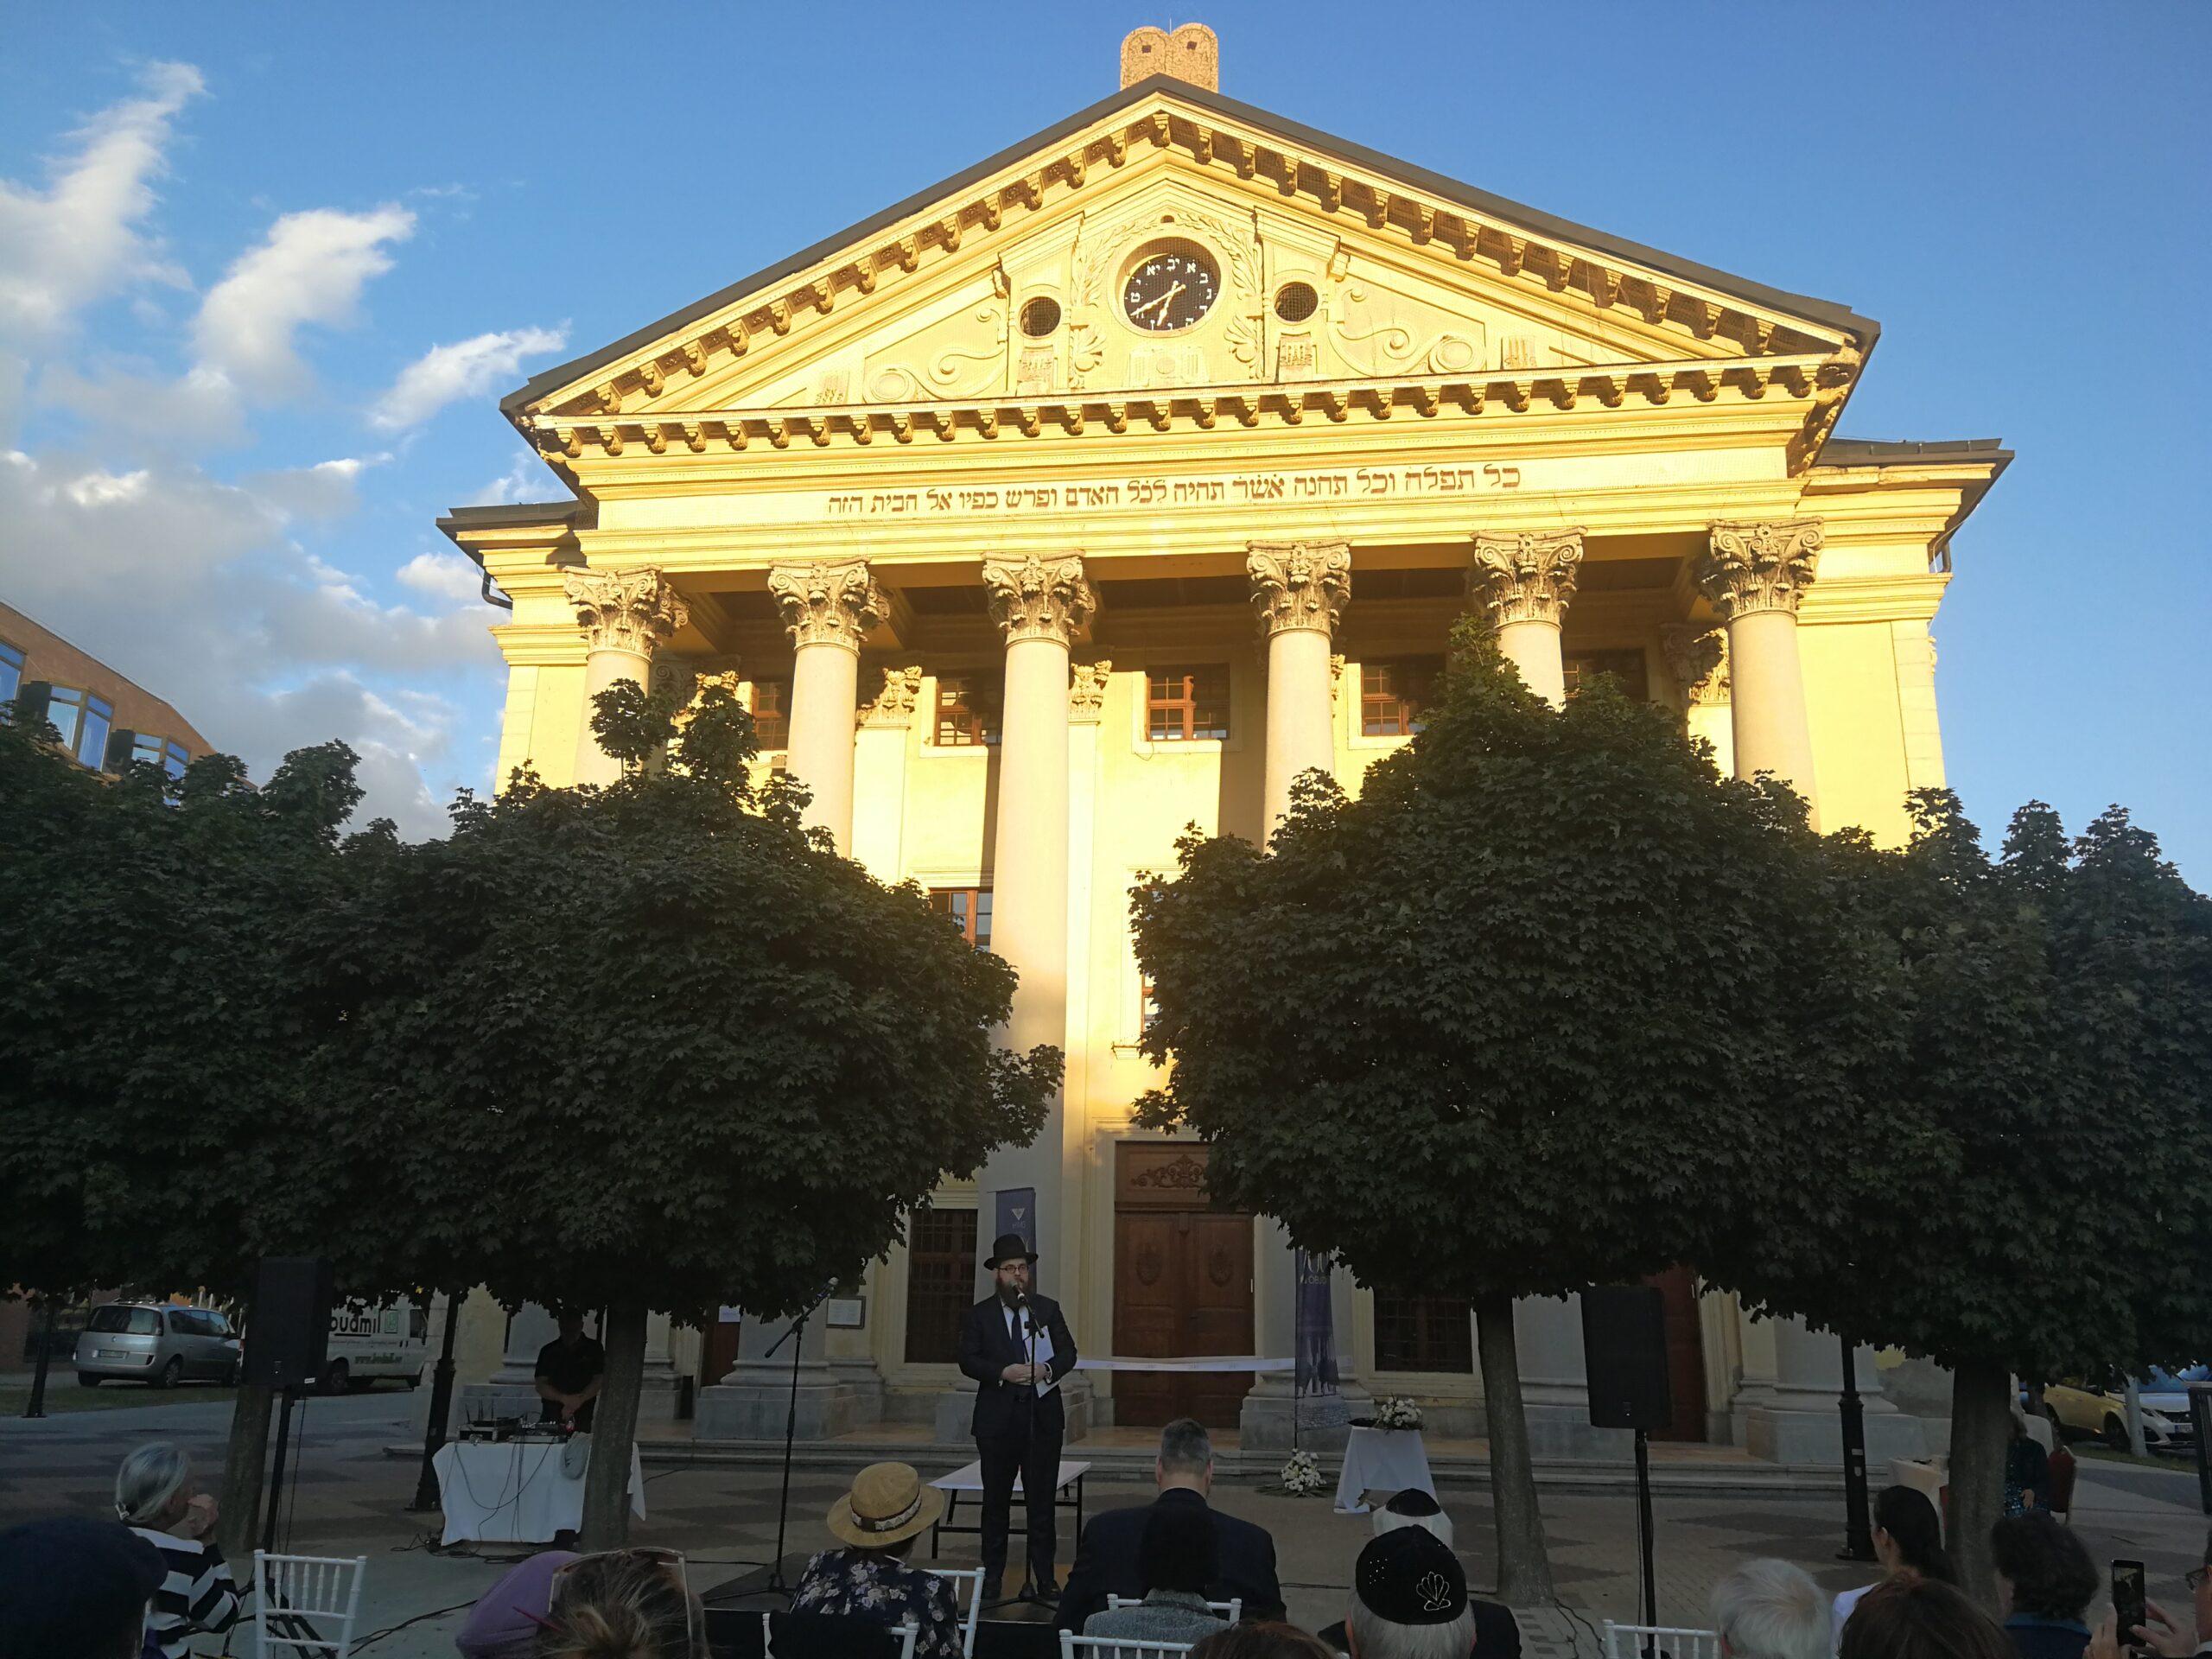 Időkapszulával és színházzal köszöntötték a 200 éves Óbudai Zsinagógát